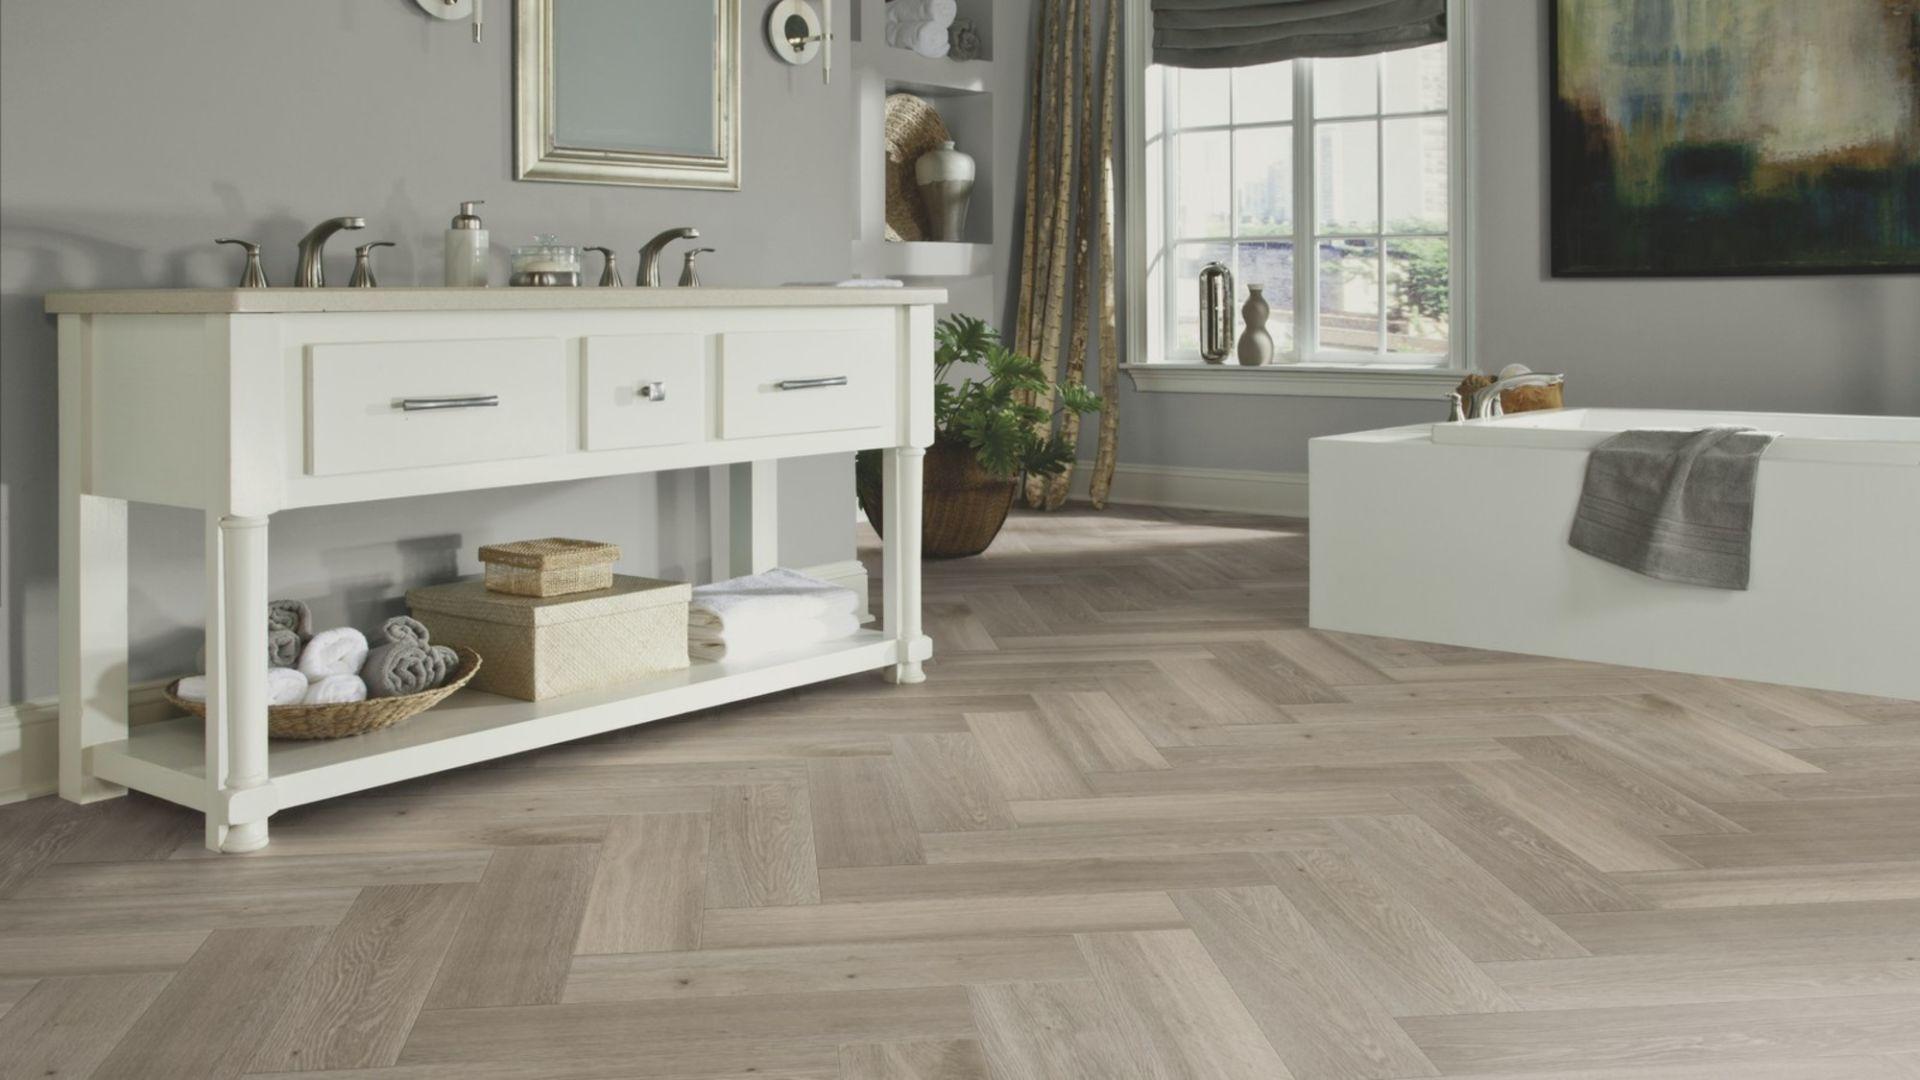 Test Pvc Vloeren : Pvc floor tiles gooddesign